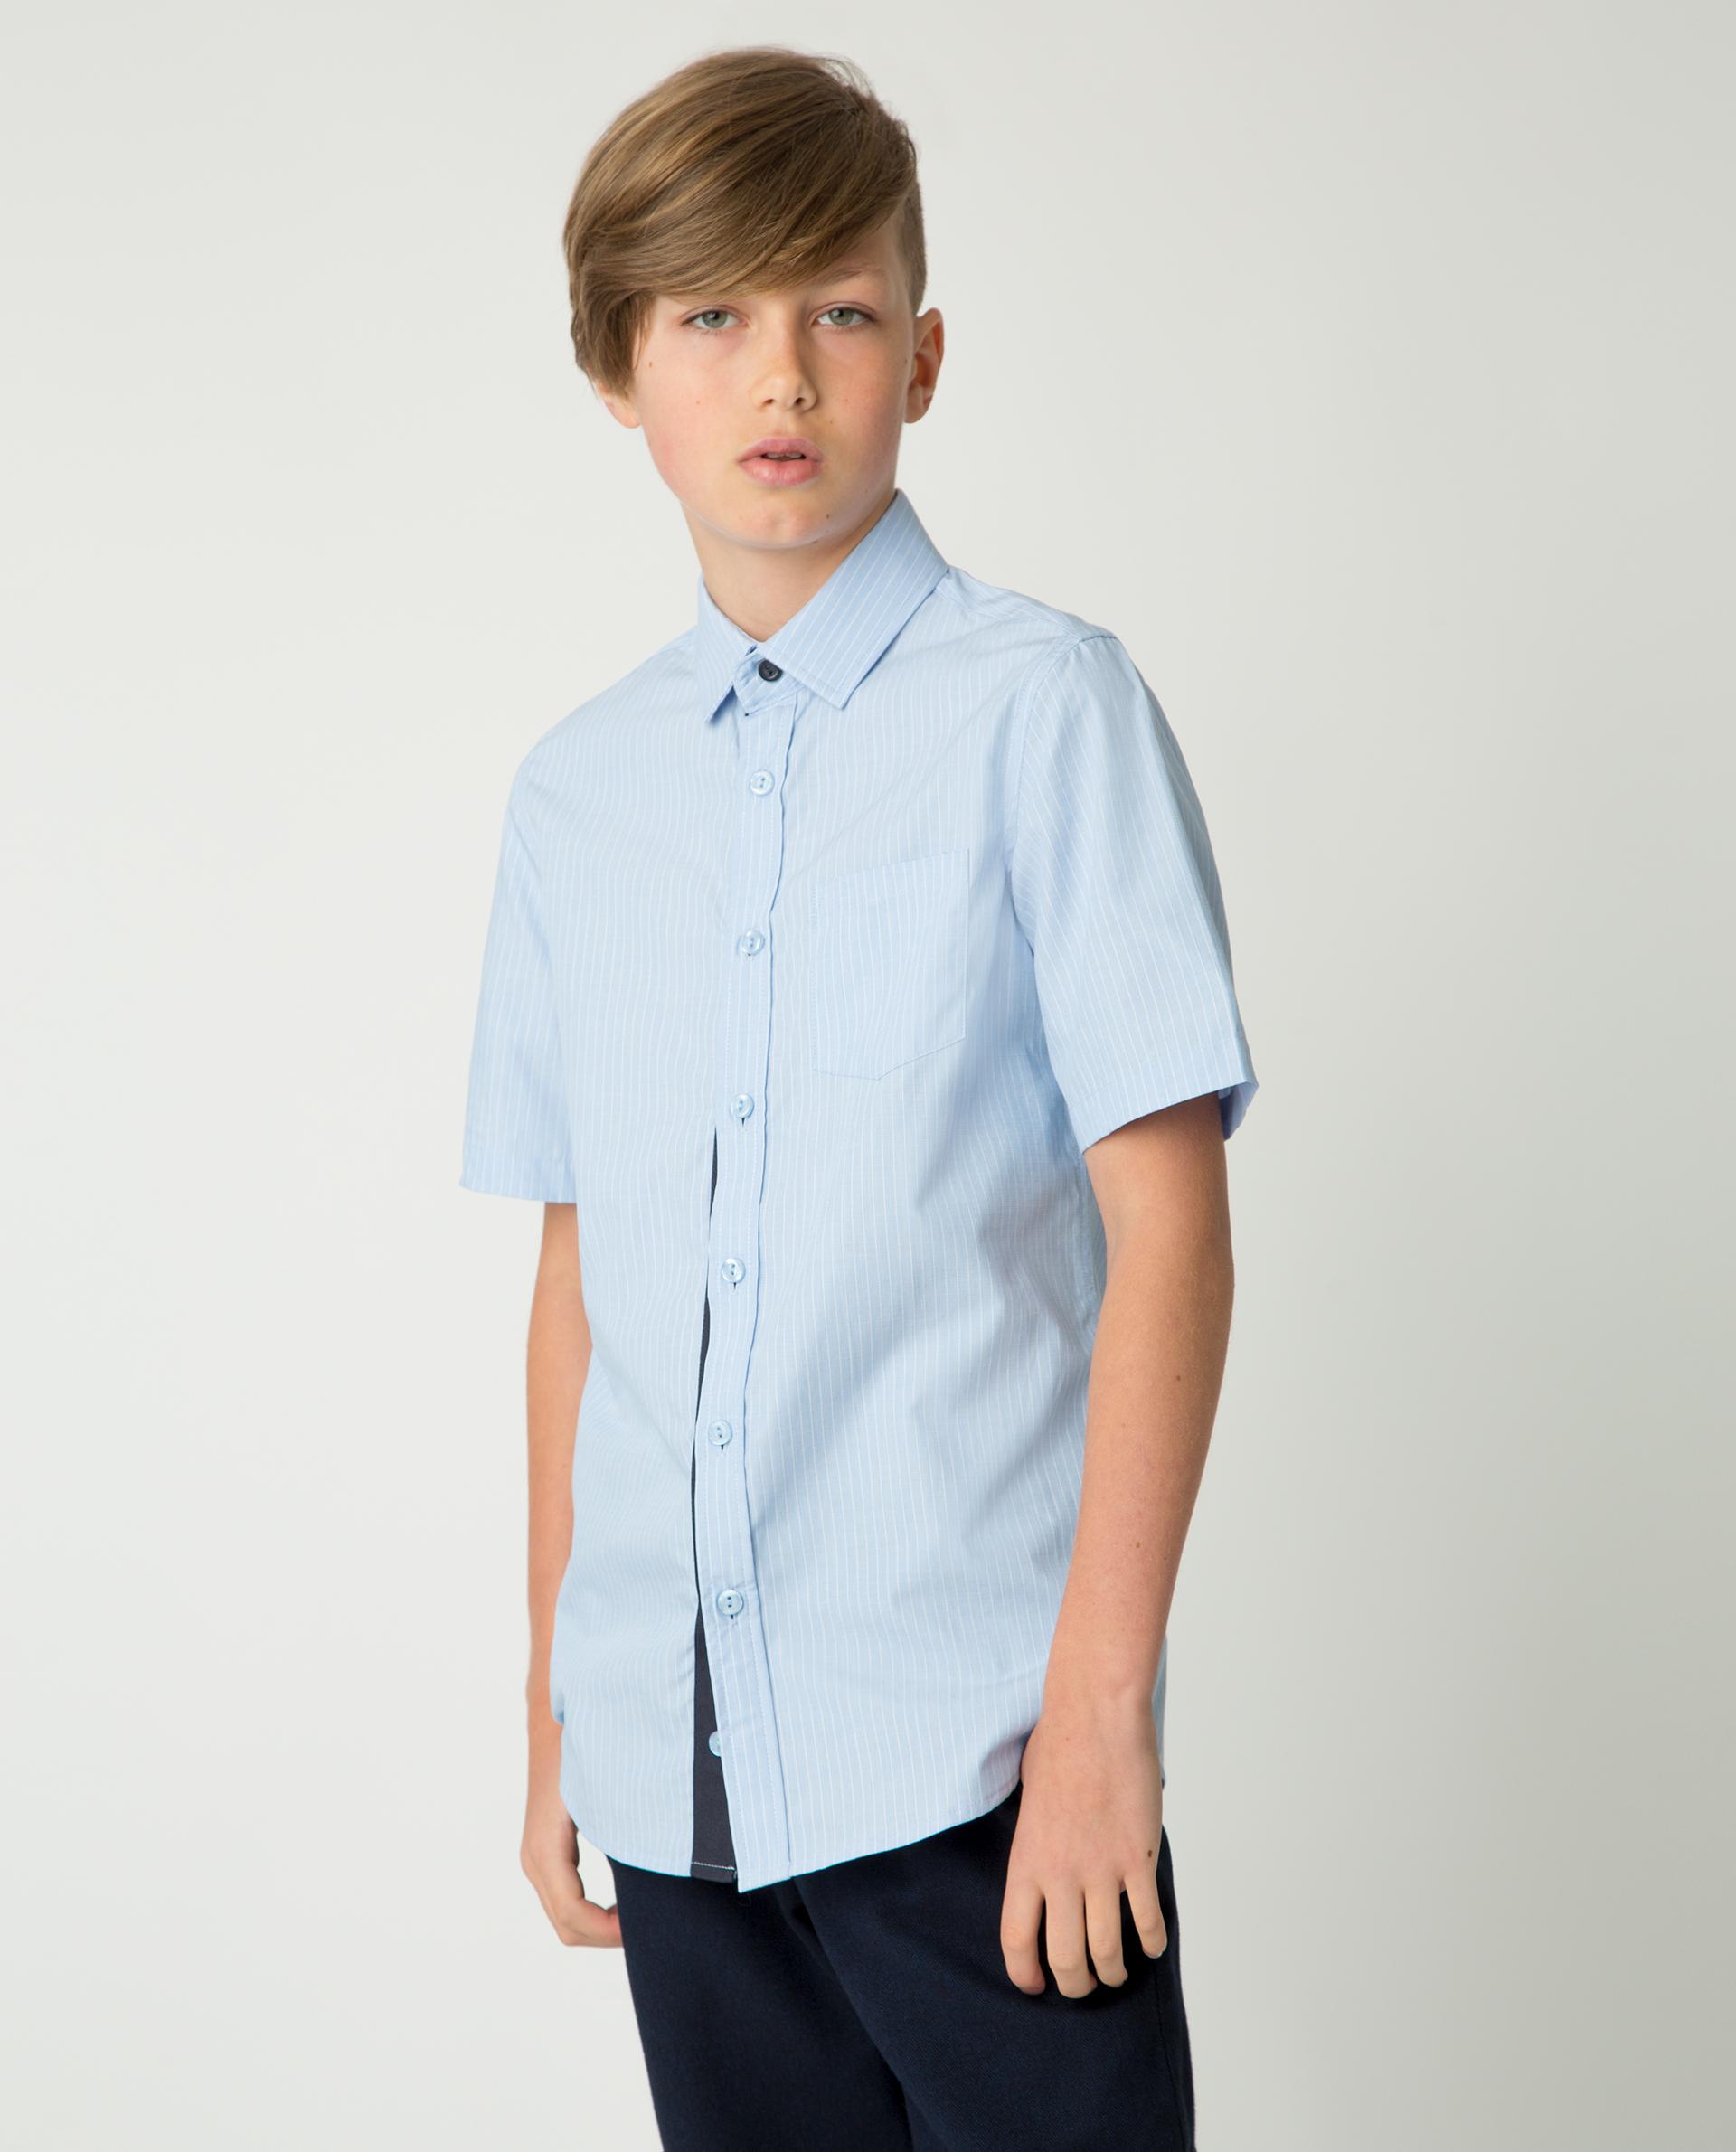 Купить 220GSBC2321, Голубая рубашка в полоску Gulliver, голубой, 170, Хлопок, Мужской, Демисезон, ШКОЛЬНАЯ ФОРМА 2020-2021 (shop: GulliverMarket Gulliver Market)